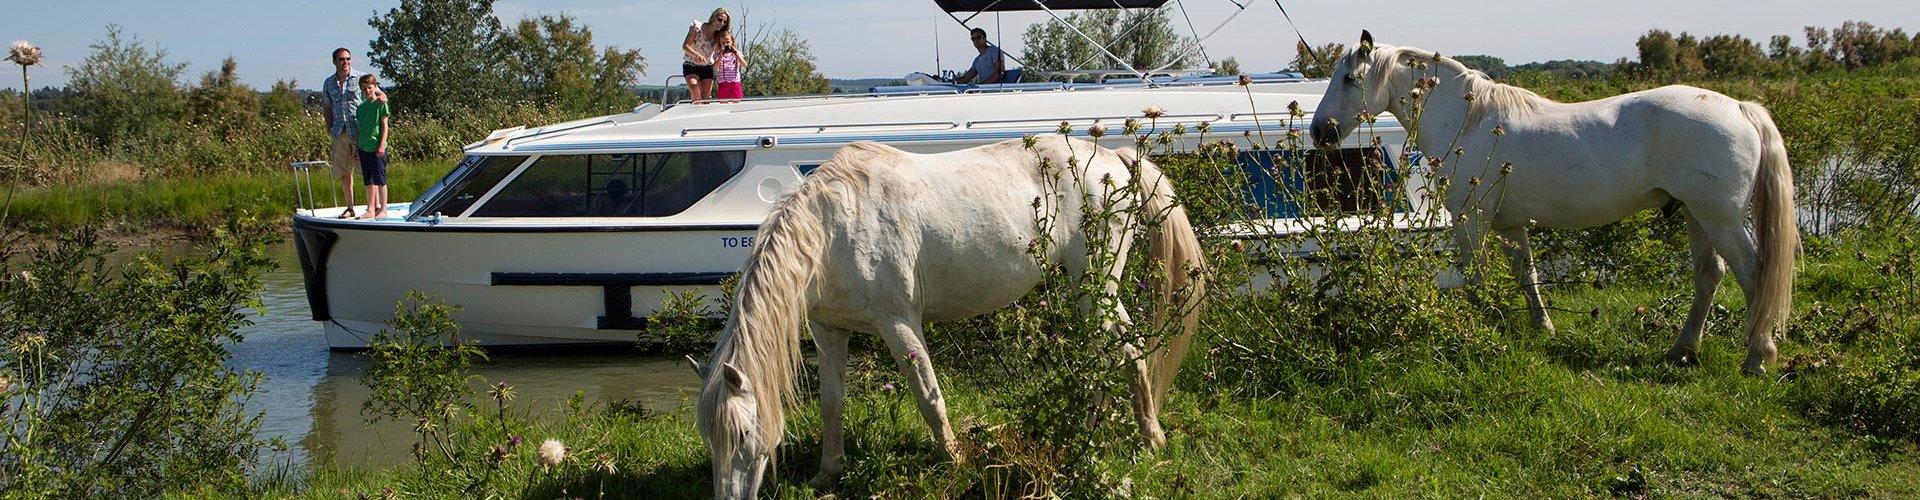 Vaarvakanties voor paardenliefhebbers